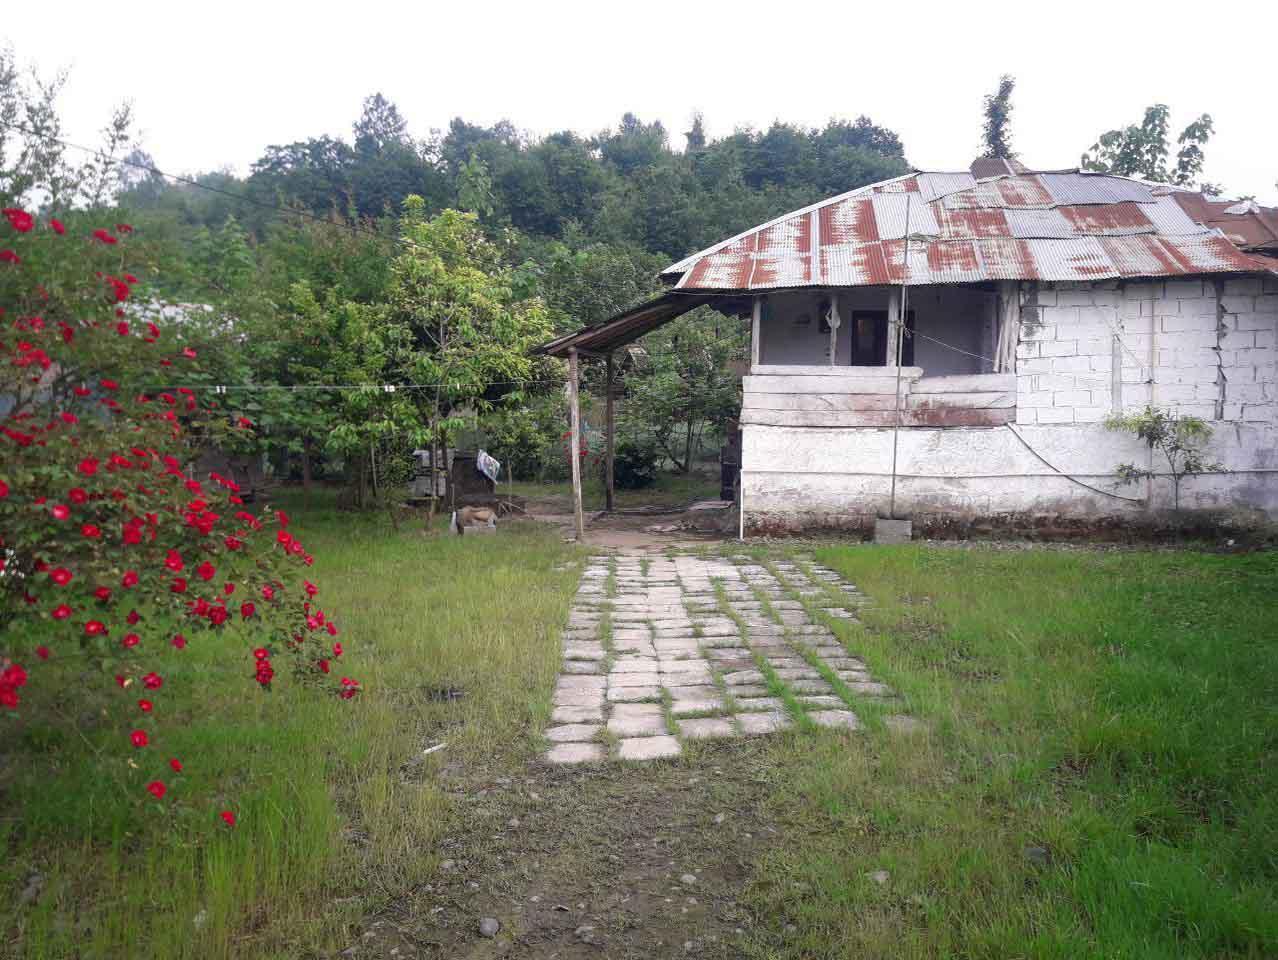 فروش خانه روستایی 500 متر زمین اطاقور